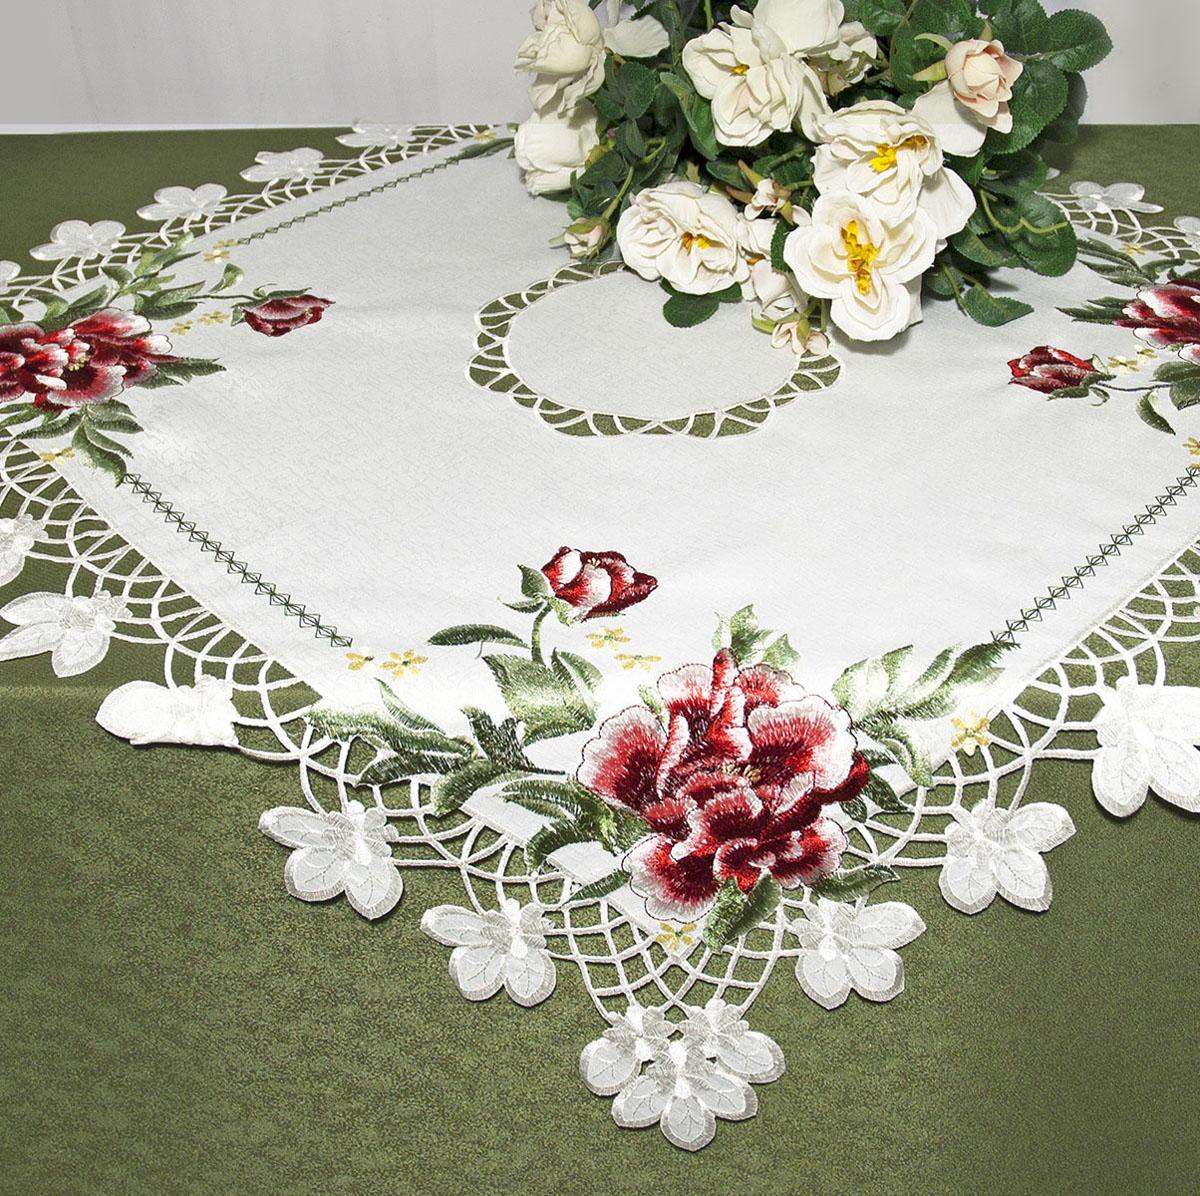 Скатерть Schaefer, квадратная, цвет: белый, 85x 85 см. 07481-10007481-100Скатерть Schaefer изготовлена из полиэстера и украшена цветочной вышивкой.Края изделия оформлены в технике ришелье.Изделия из полиэстера легкостирать: они не мнутся, не садятся и быстро сохнут, они более долговечны, чемизделия из натуральных волокон. Кроме того, ткань обладаетводоотталкивающими свойствами. Такая скатерть будет просто не заменима накухне, а особенно на вашем обеденном столе на даче под открытым небом.Скатерть Schaefer не останется без внимания ваших гостей, а вас будетежедневно радовать ярким дизайном и несравненным качеством.Немецкая компания Schaefer создана в 1921 году. На протяжении всего временисуществования она создает уникальные коллекции домашнего текстиля длягостиных, спален, кухонь и ванных комнат.Дизайнерские идеи немецких художников компании Schaefer воплощаются втекстильных изделиях, которые сделают ваш дом красивее и уютнее и неостанутся незамеченными вашими гостями. Дарите себе и близким красотукаждый день! Изысканный текстиль от немецкой компании Schaefer - это красота,стиль и уют в вашем доме.